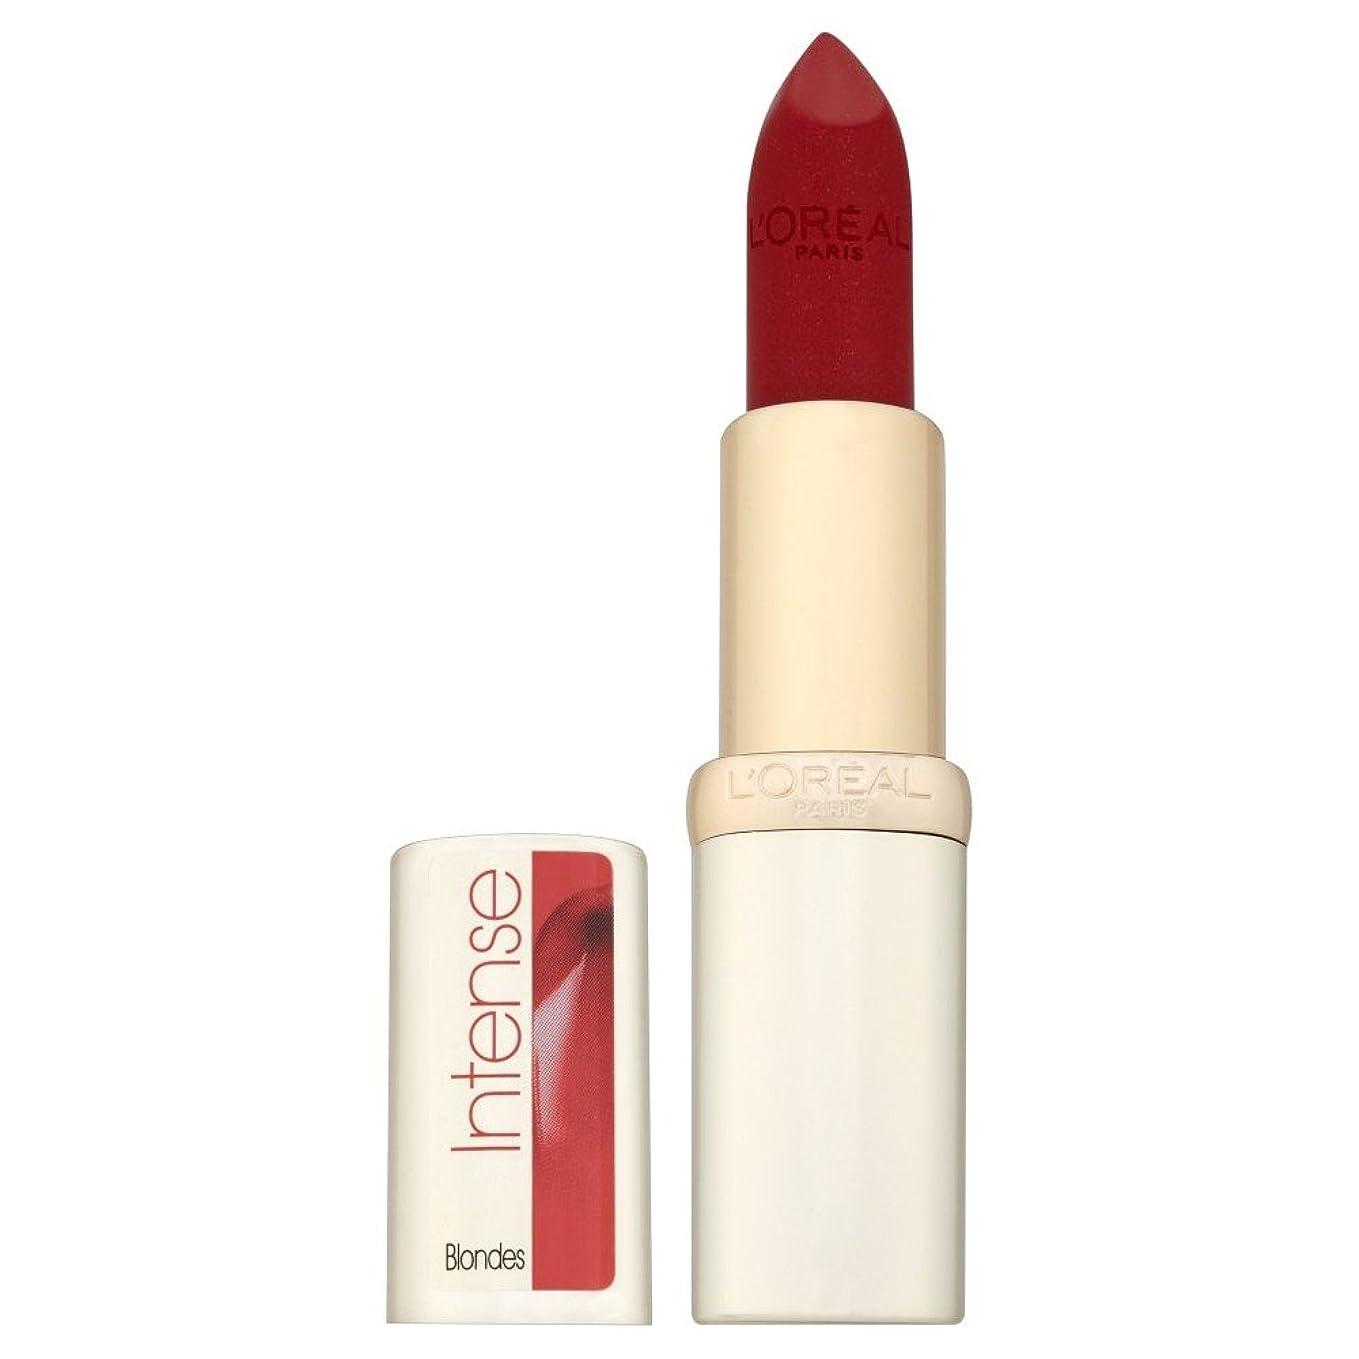 視線素晴らしい建てるL'Oreal Paris Color Riche Intense Blondes Lipstick - 297 Red Passion L'オラ?アルパリカラーリッシュ強烈なブロンドの口紅 - 297赤の情熱 [並行輸入品]